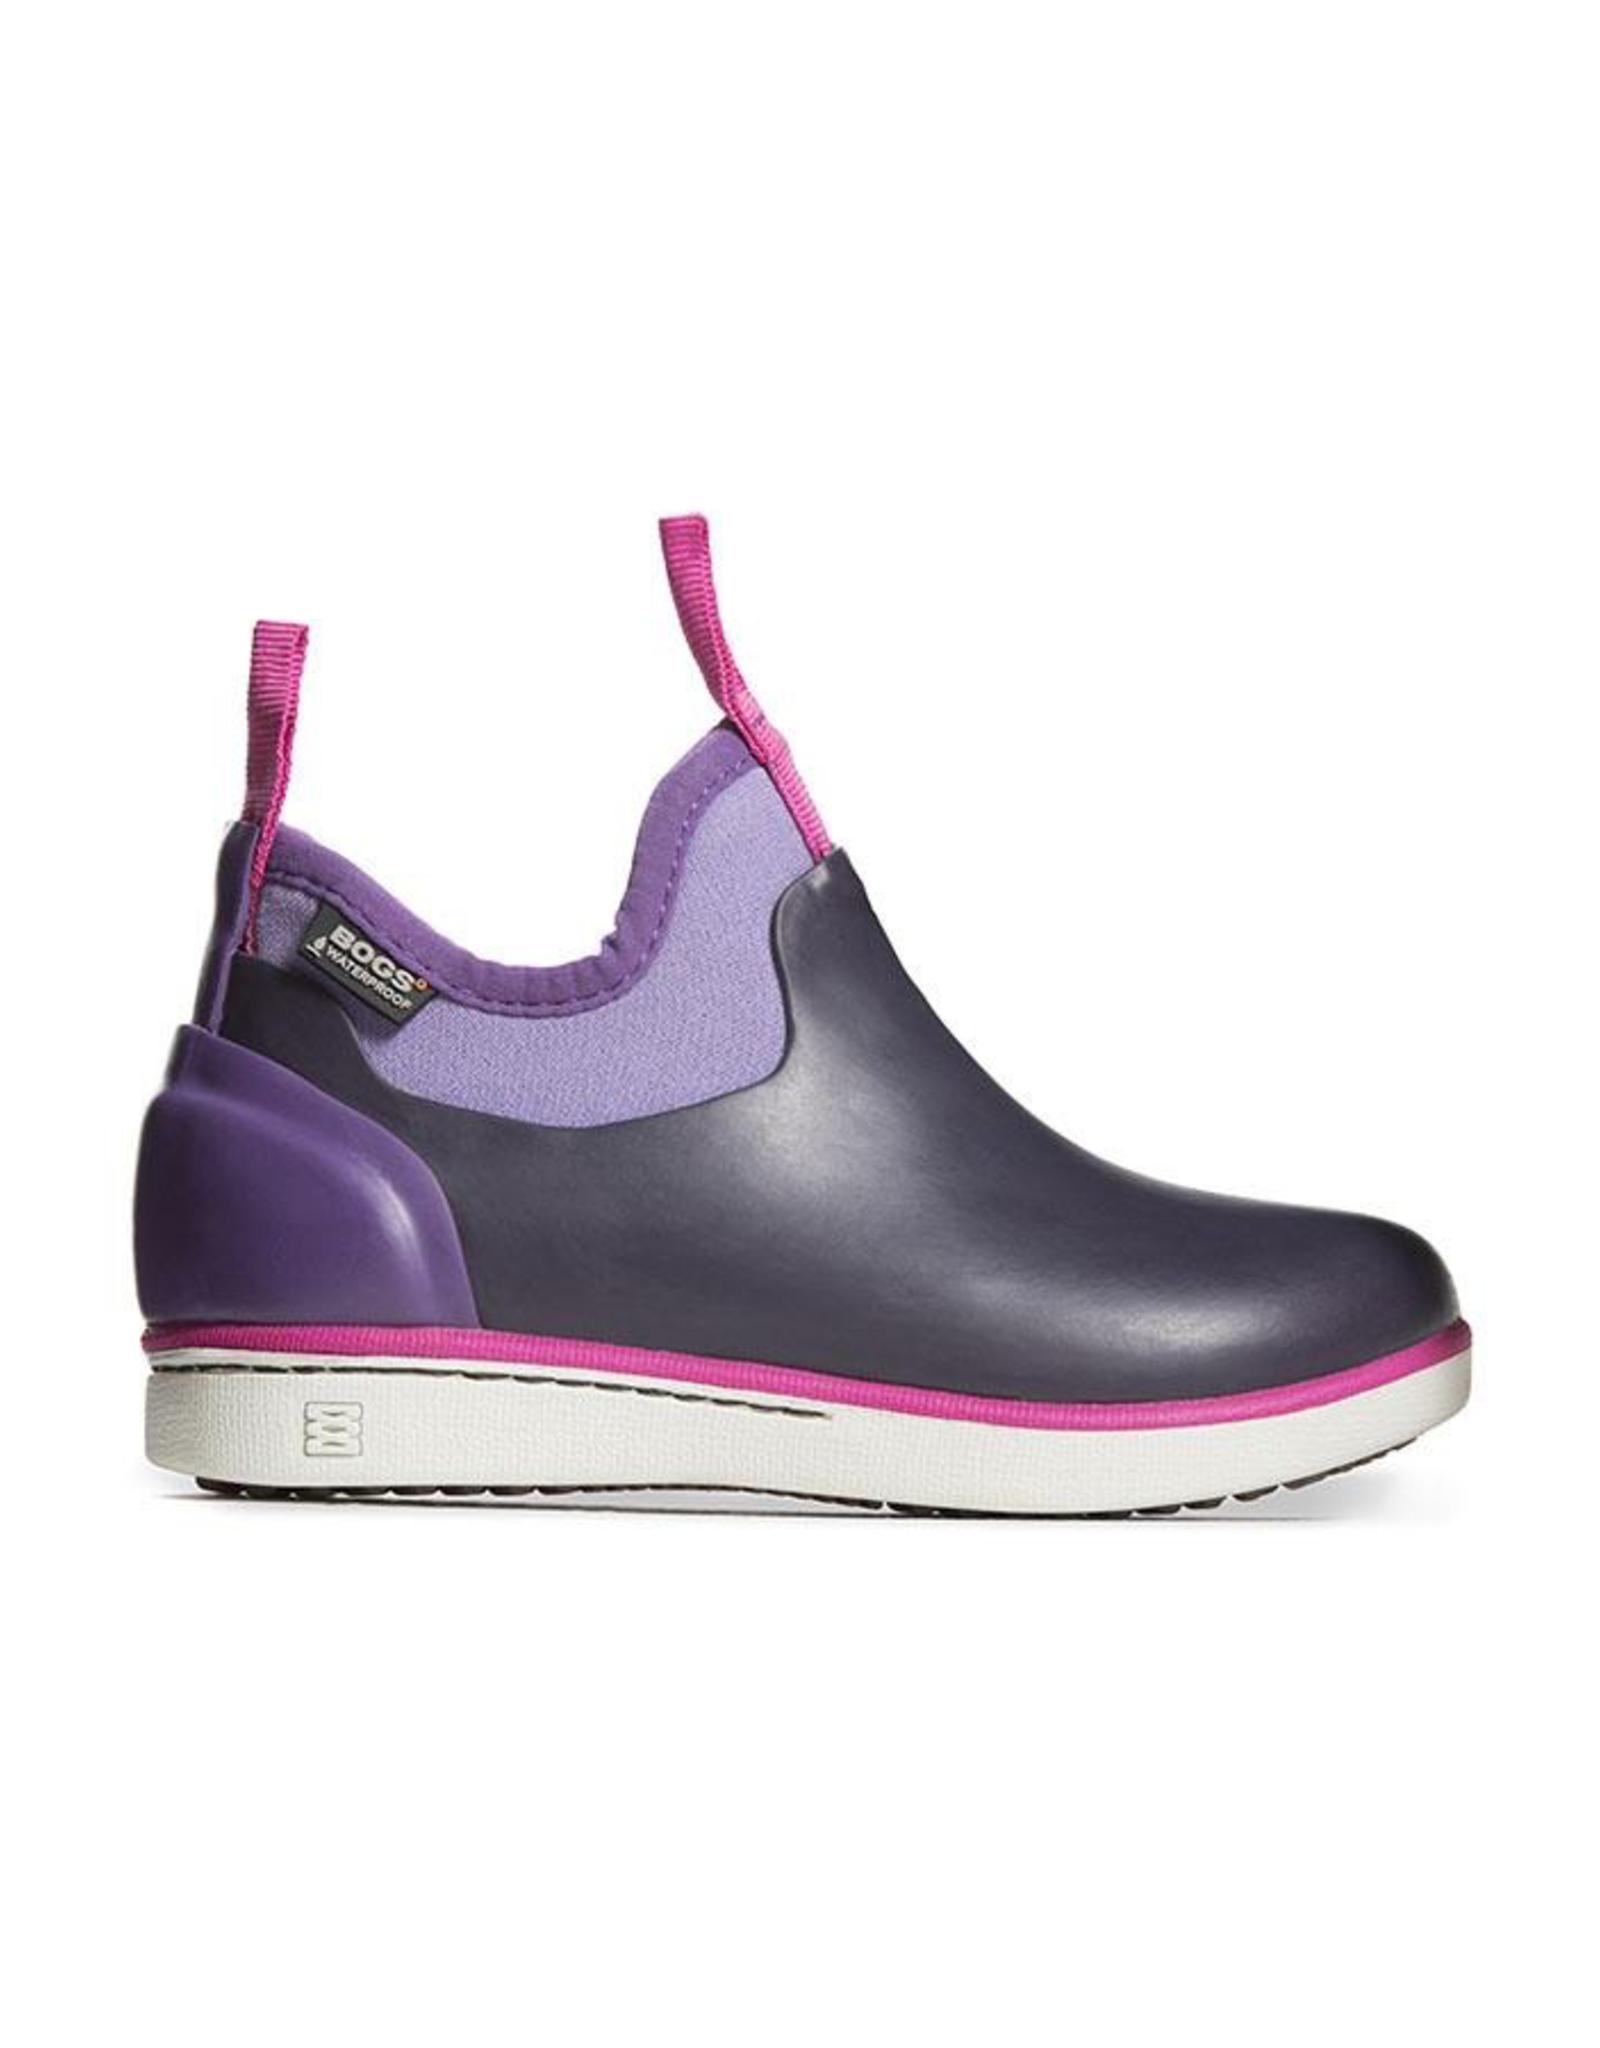 Bogs Kids' Riley Light Weight Rain Boots